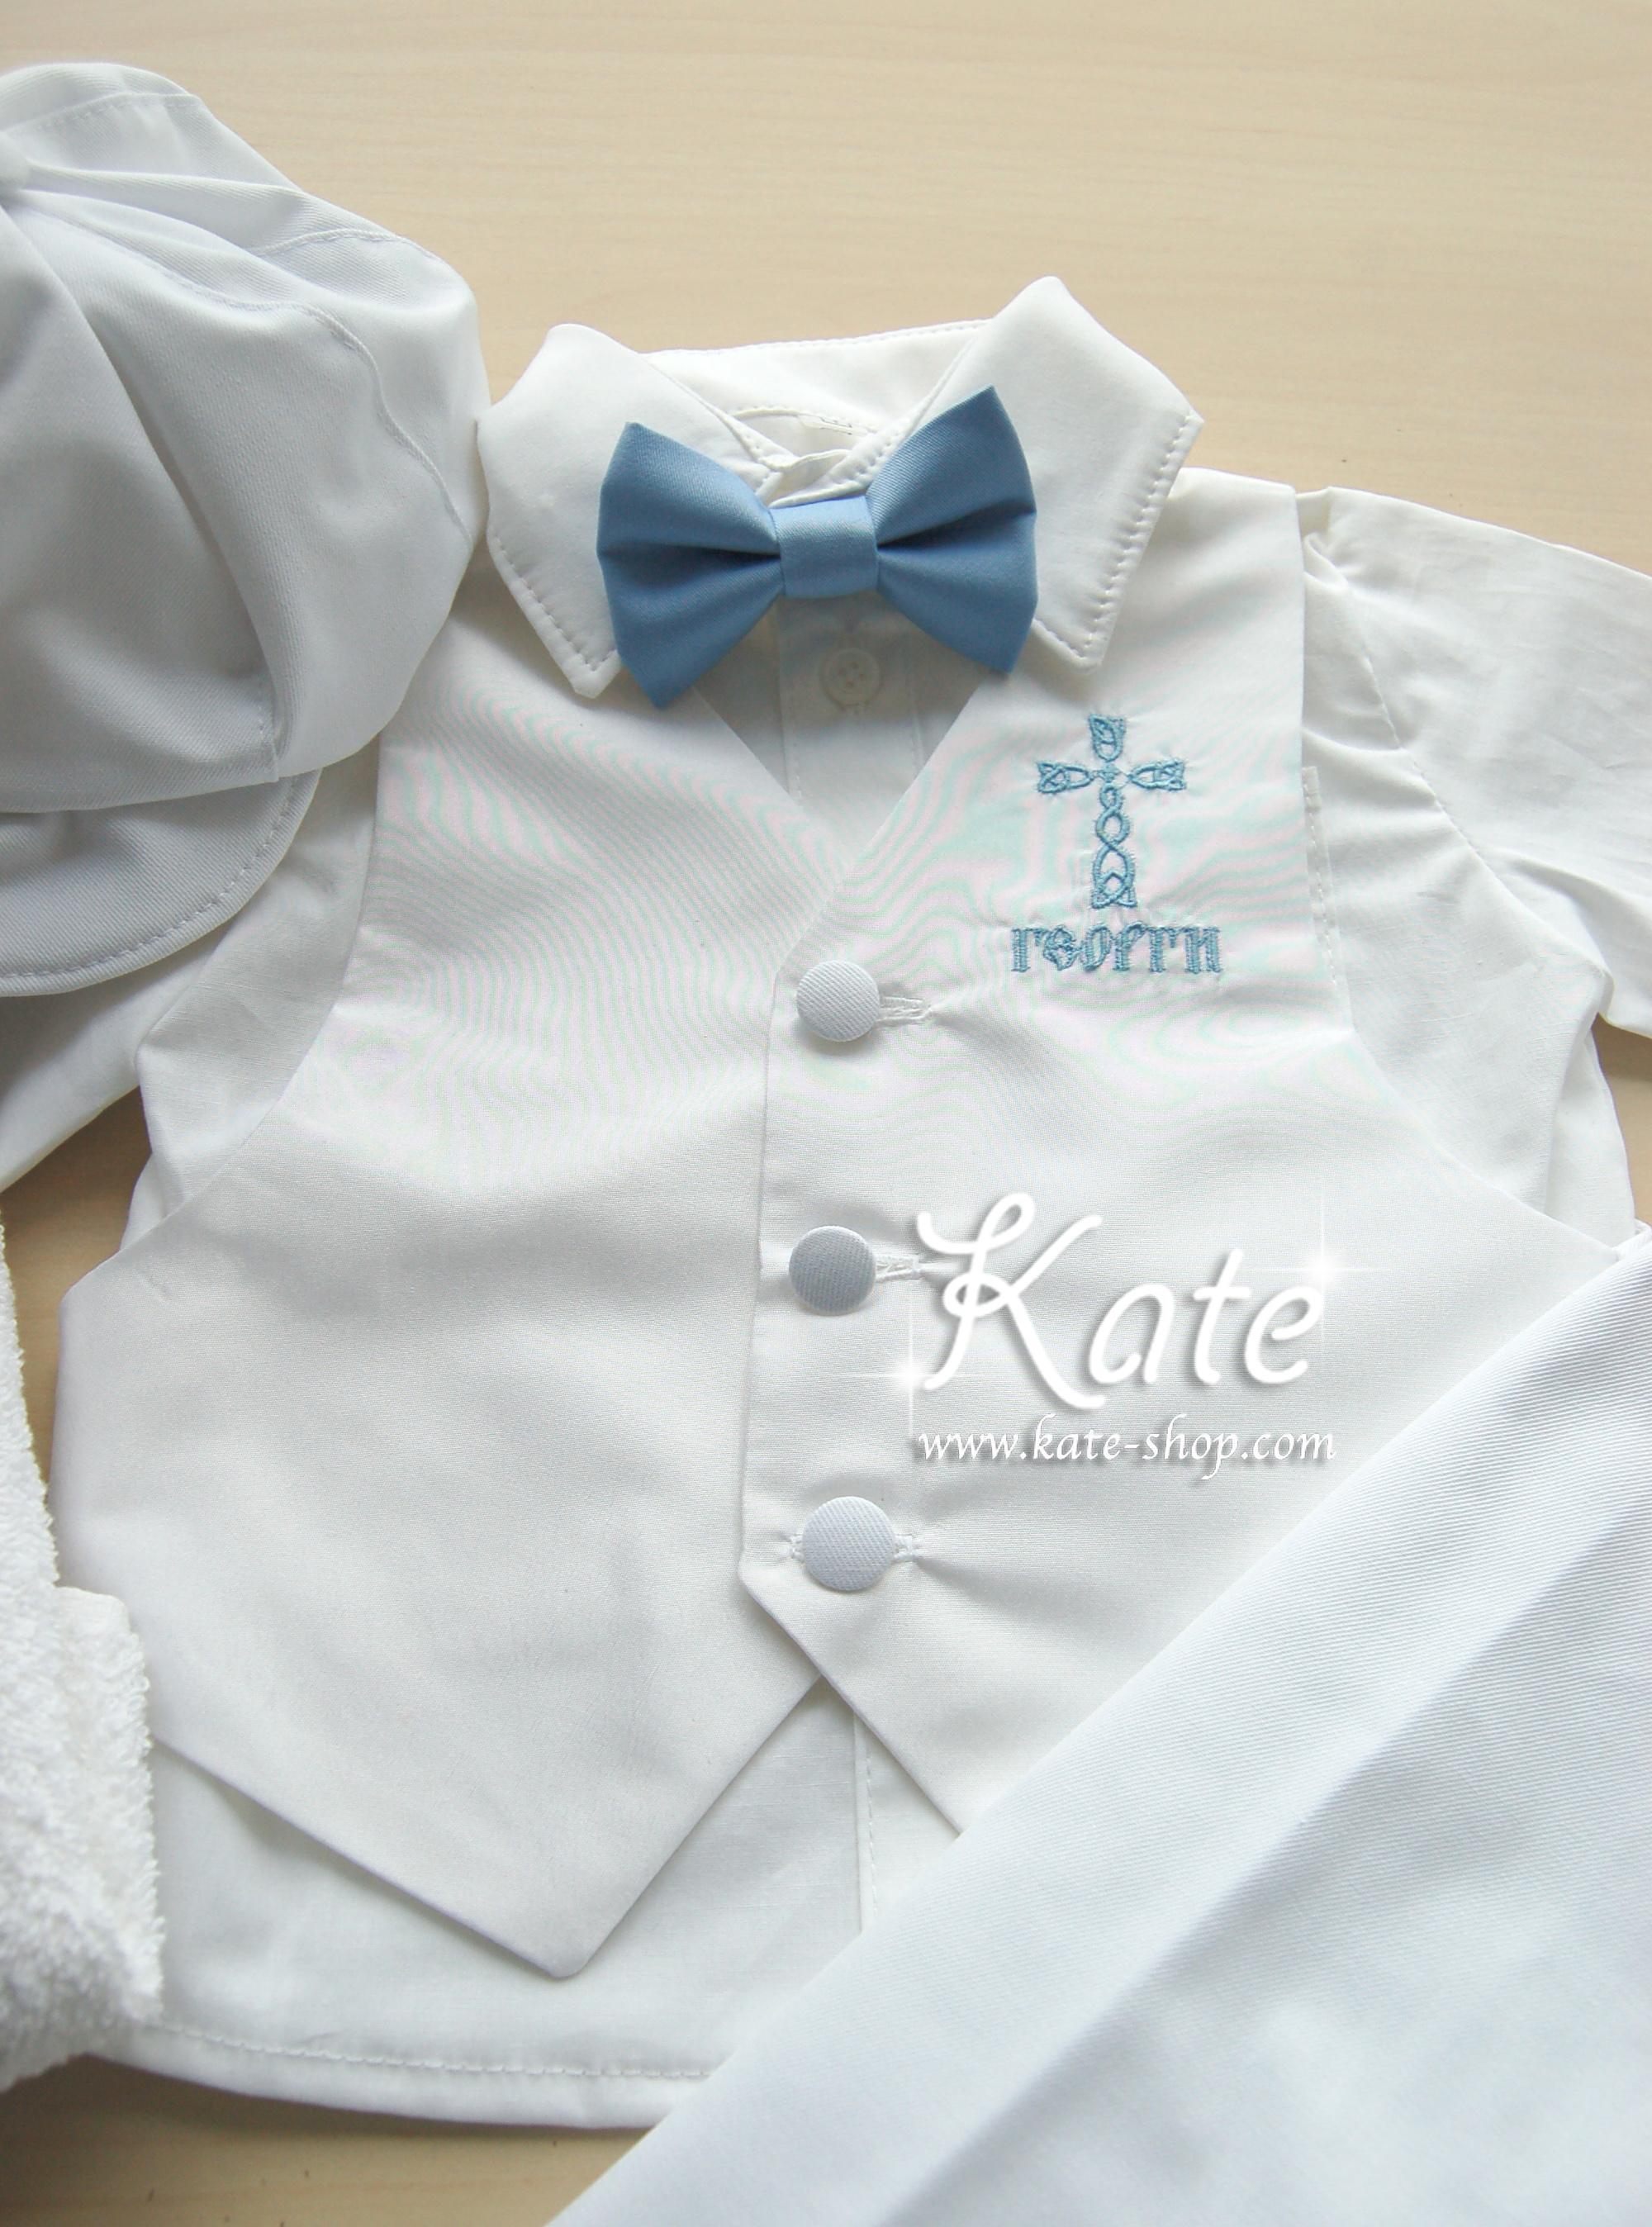 d3614ef82af Бродиране на инициали/име комплекти за изписване на бебе, Детски рокли за  кръщене, Комплекти за кръщене, Дрехи за кръщене за момчета, Елечета, Ризи